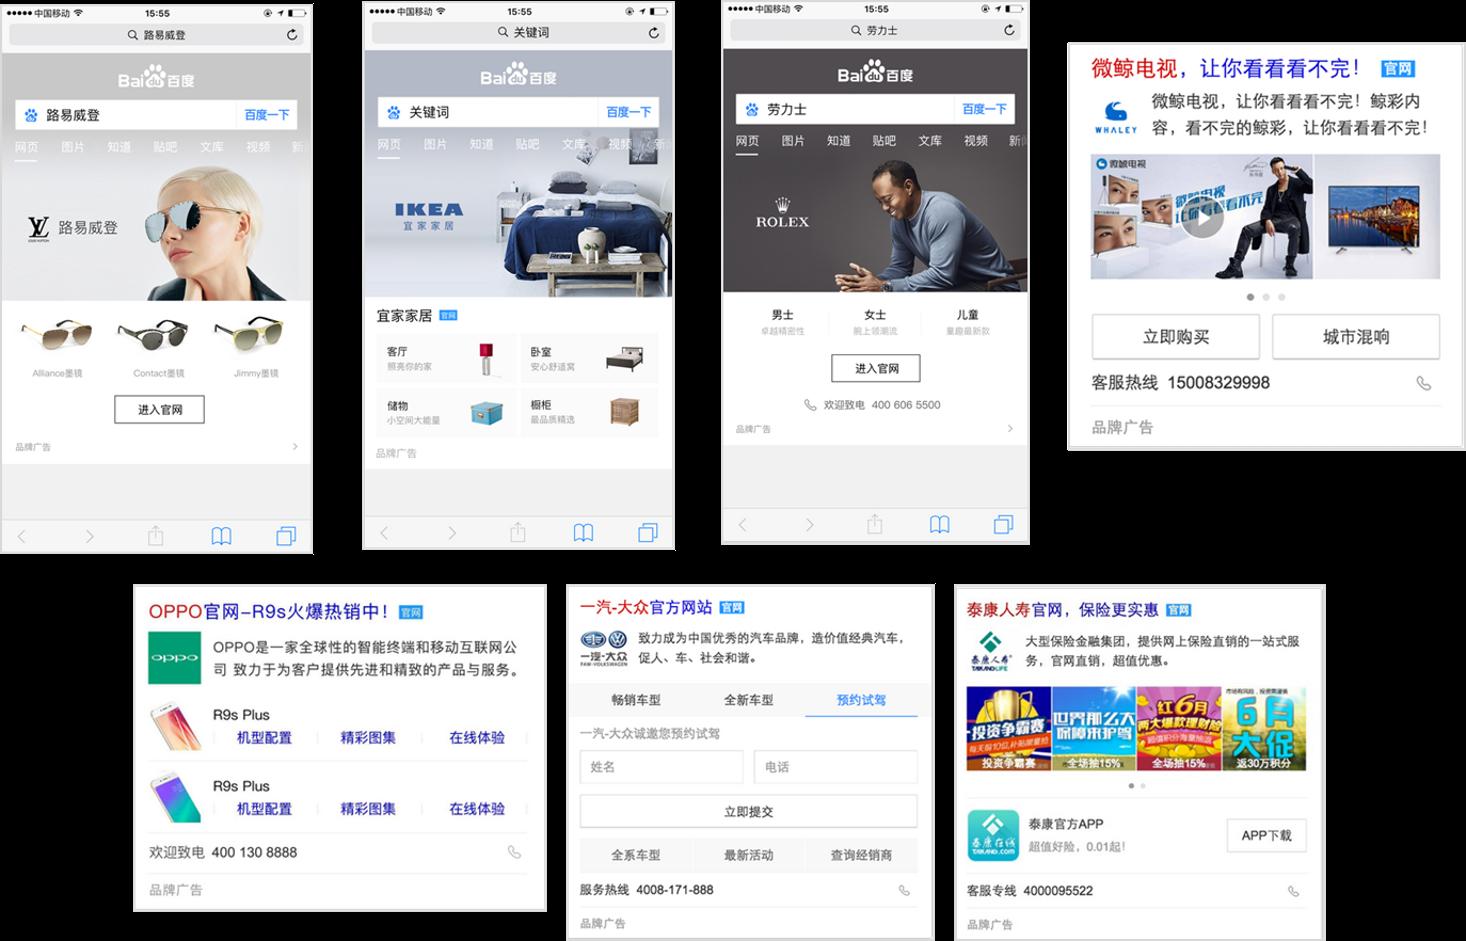 百度(バイドゥ)ブランドリンクリンク広告モバイル形式